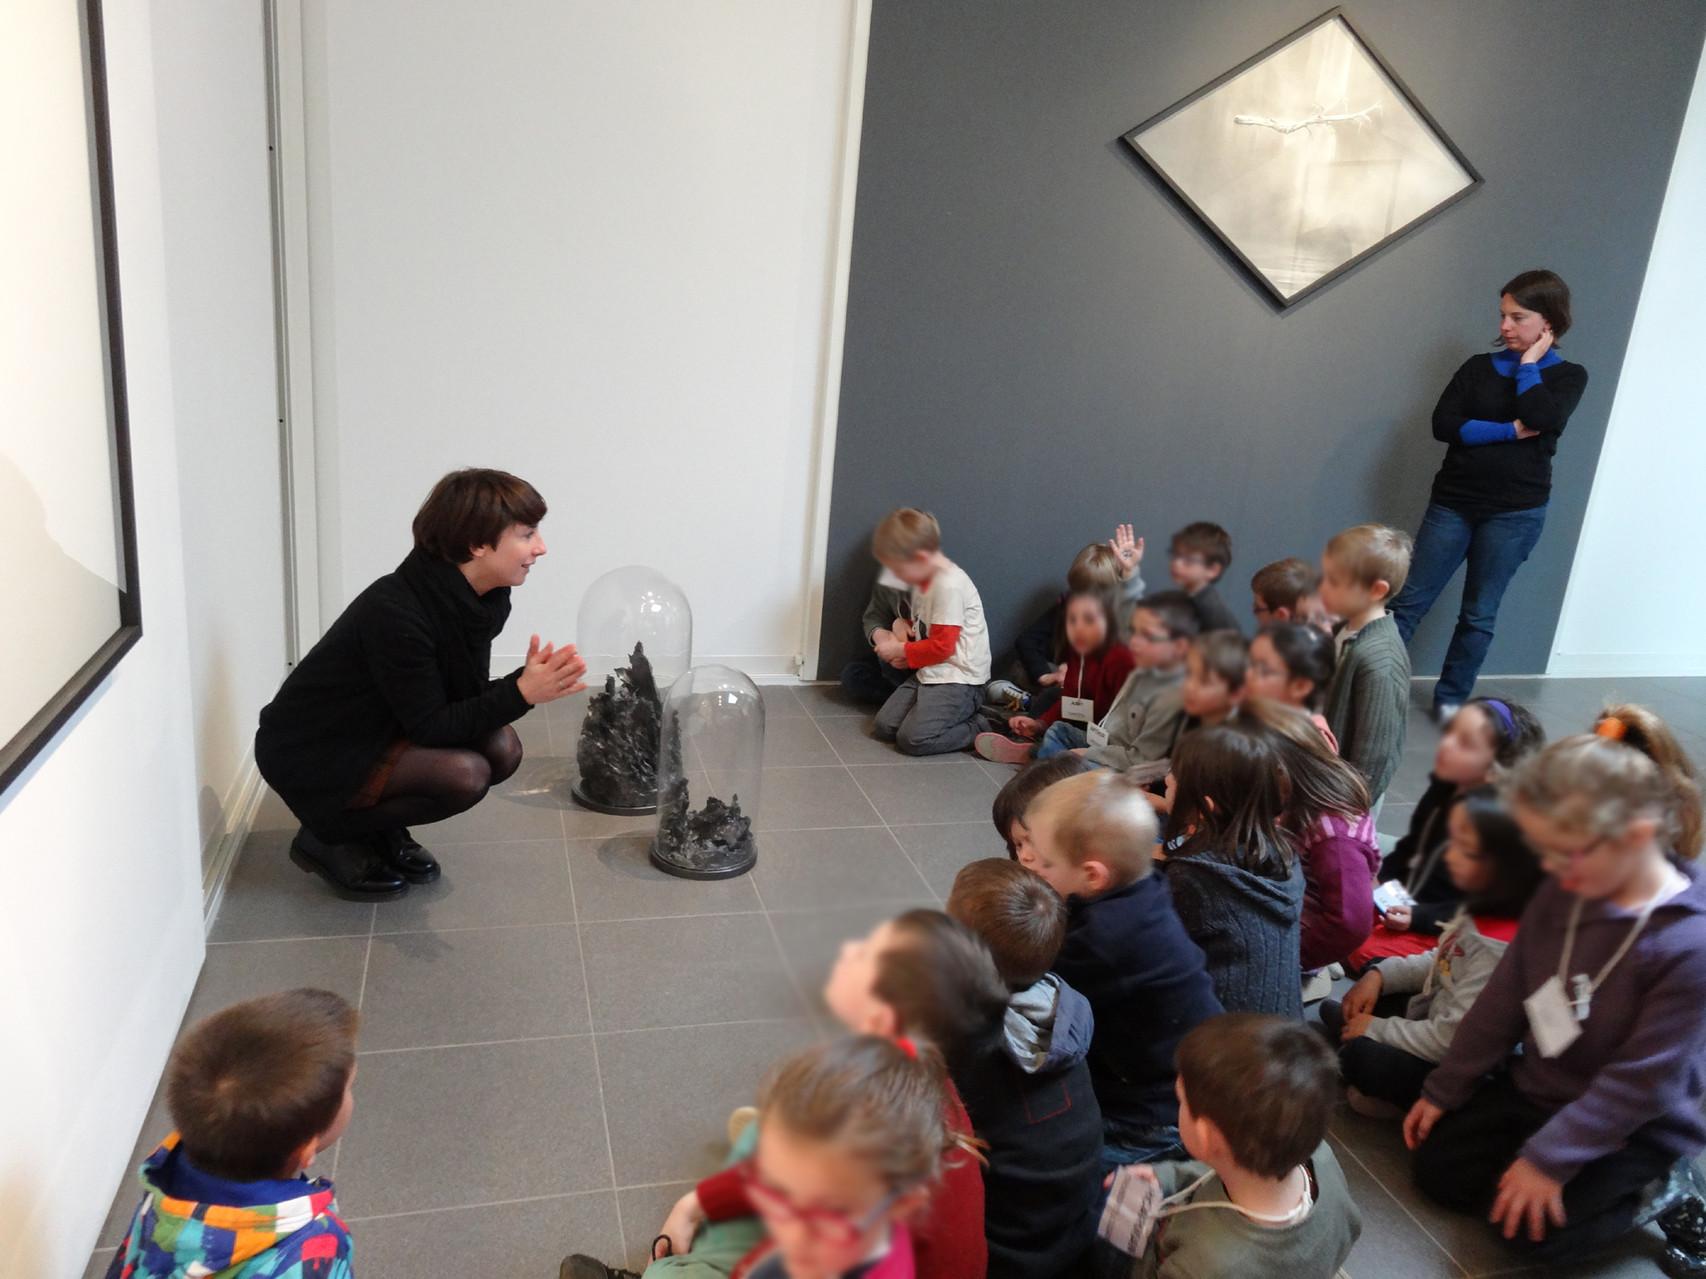 GS Ecole élémentaire publique Fée Viviane Iffendic